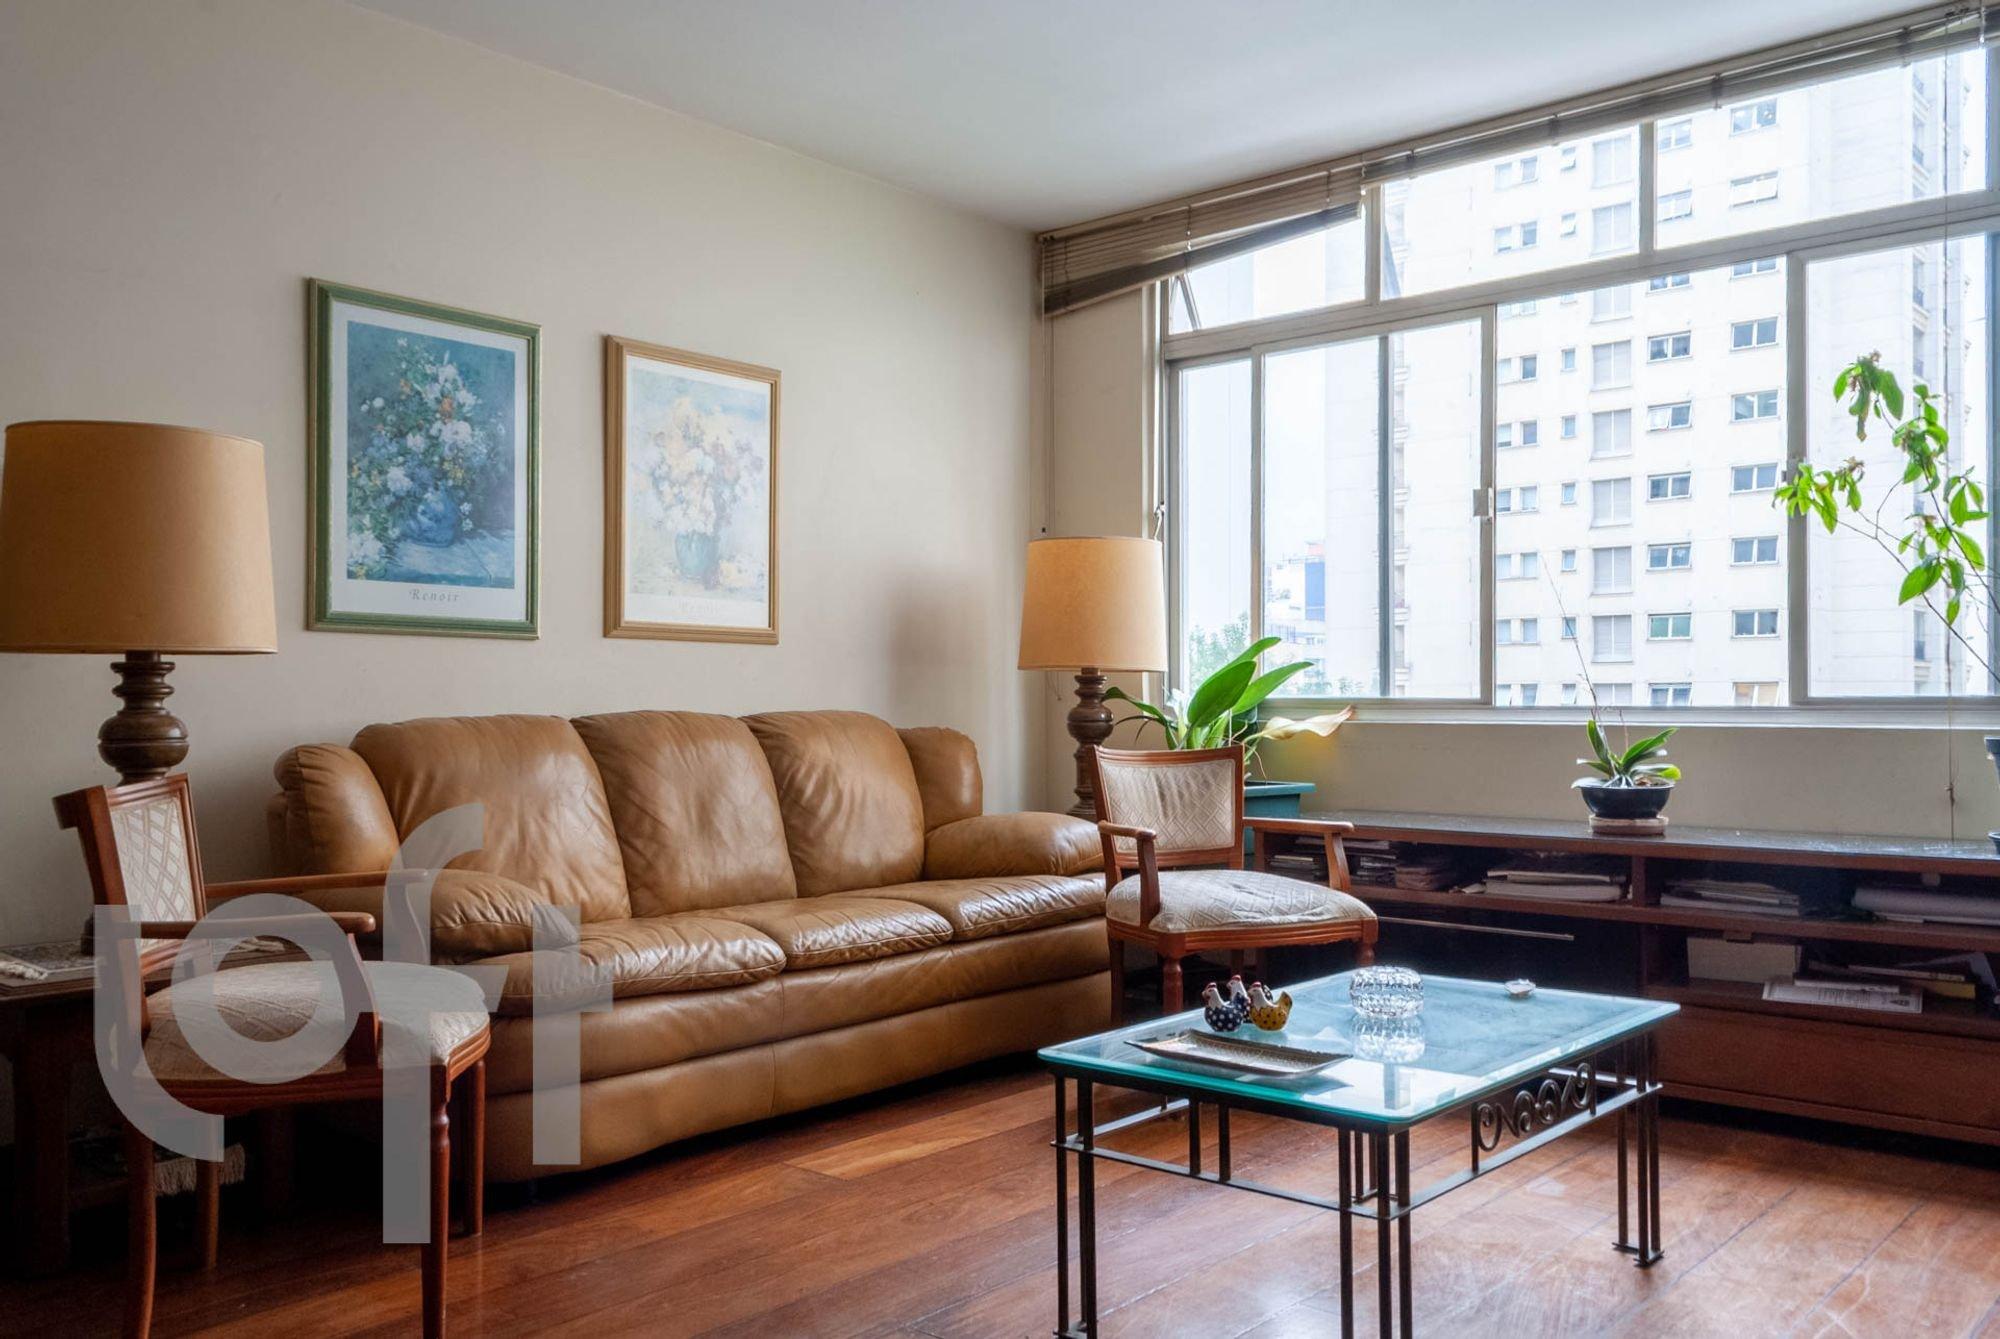 Foto de Sala com vaso de planta, sofá